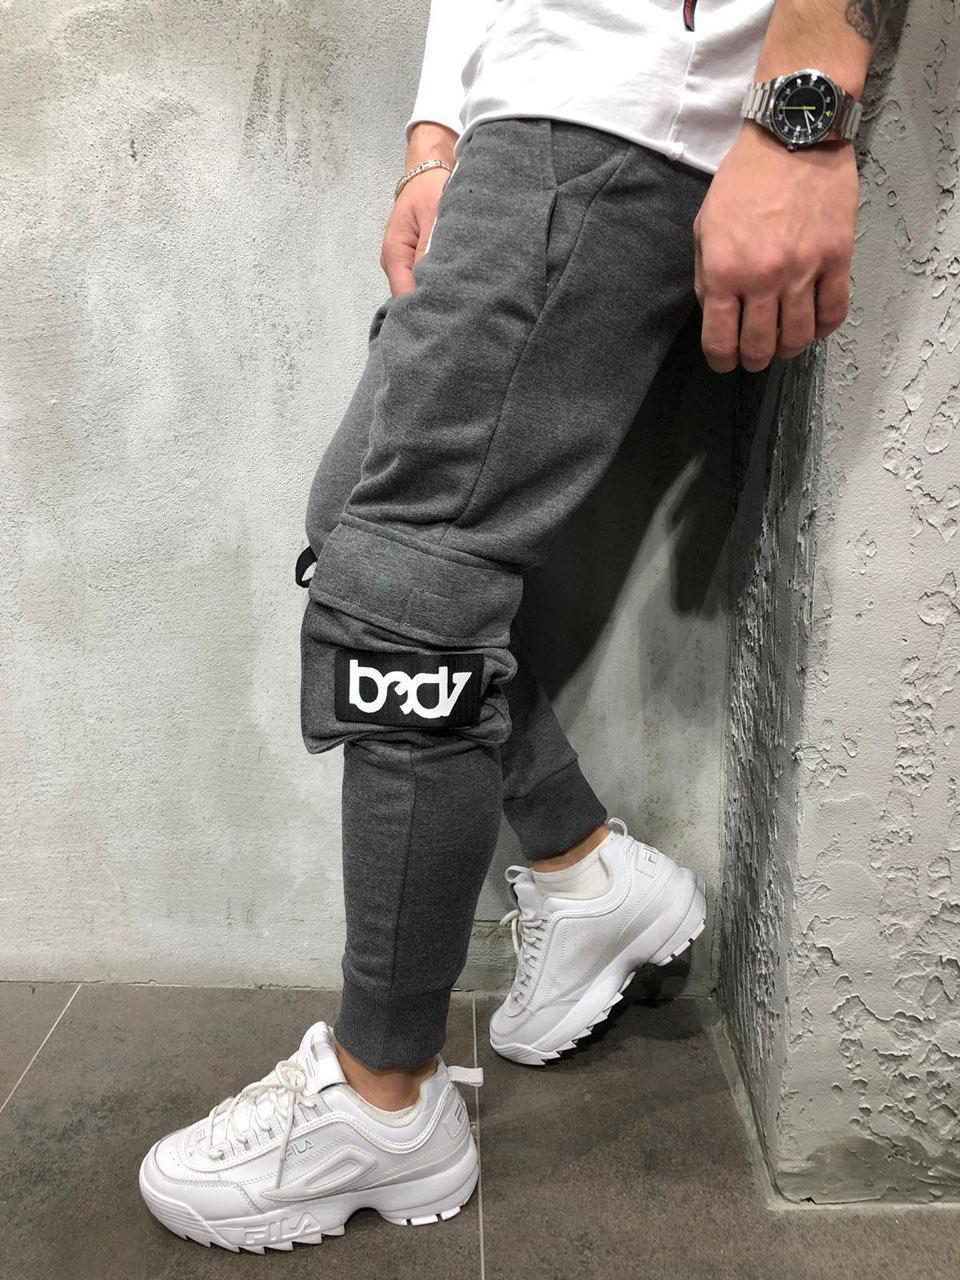 b0541c06 Мужские спортивные штаны с накладными карманами серые - Интернет-магазин  обуви и одежды KedON в